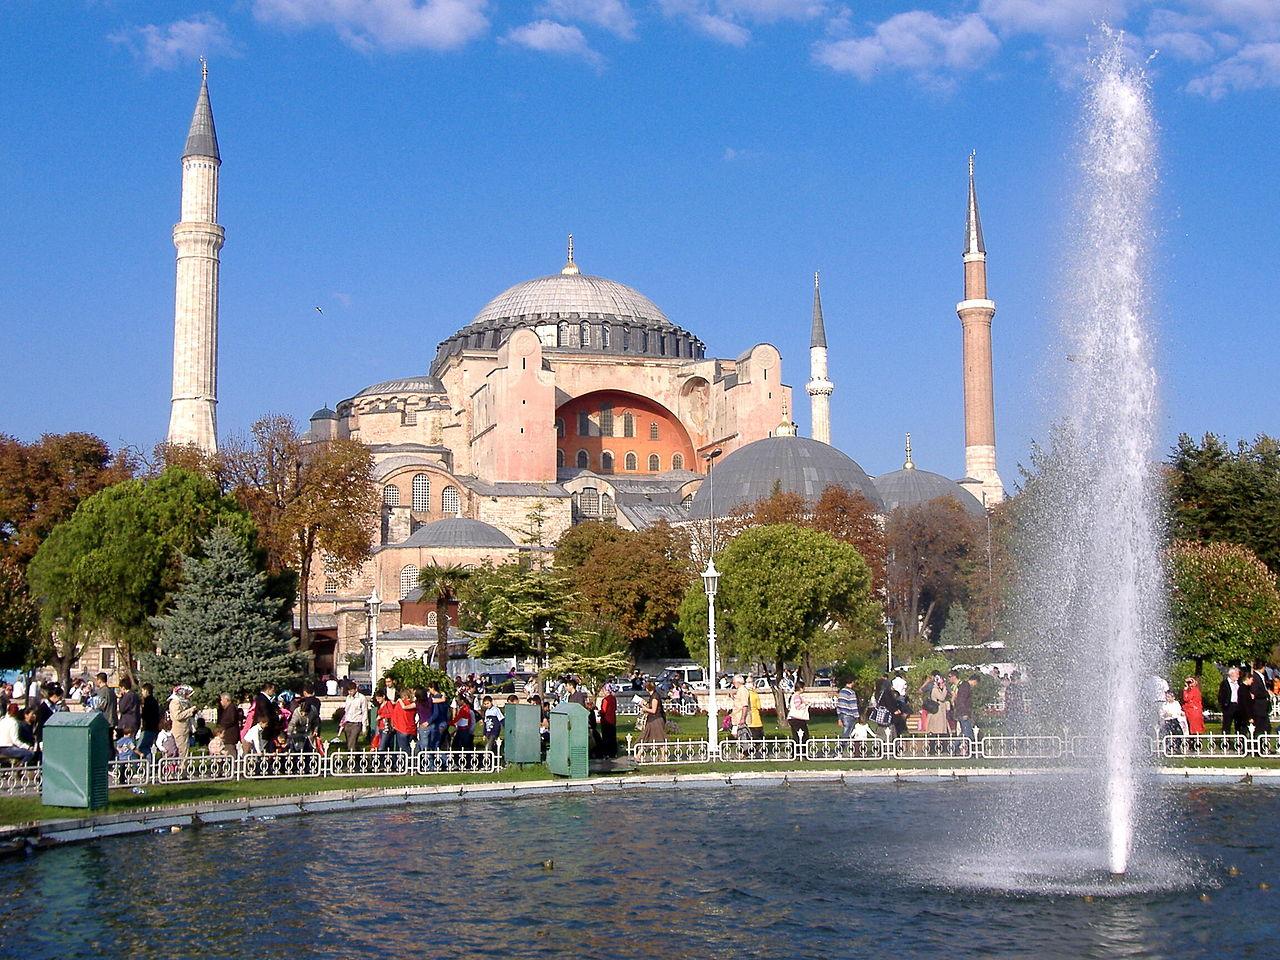 C A Turkey Istanbul File:Hagia Sophia (Ist...